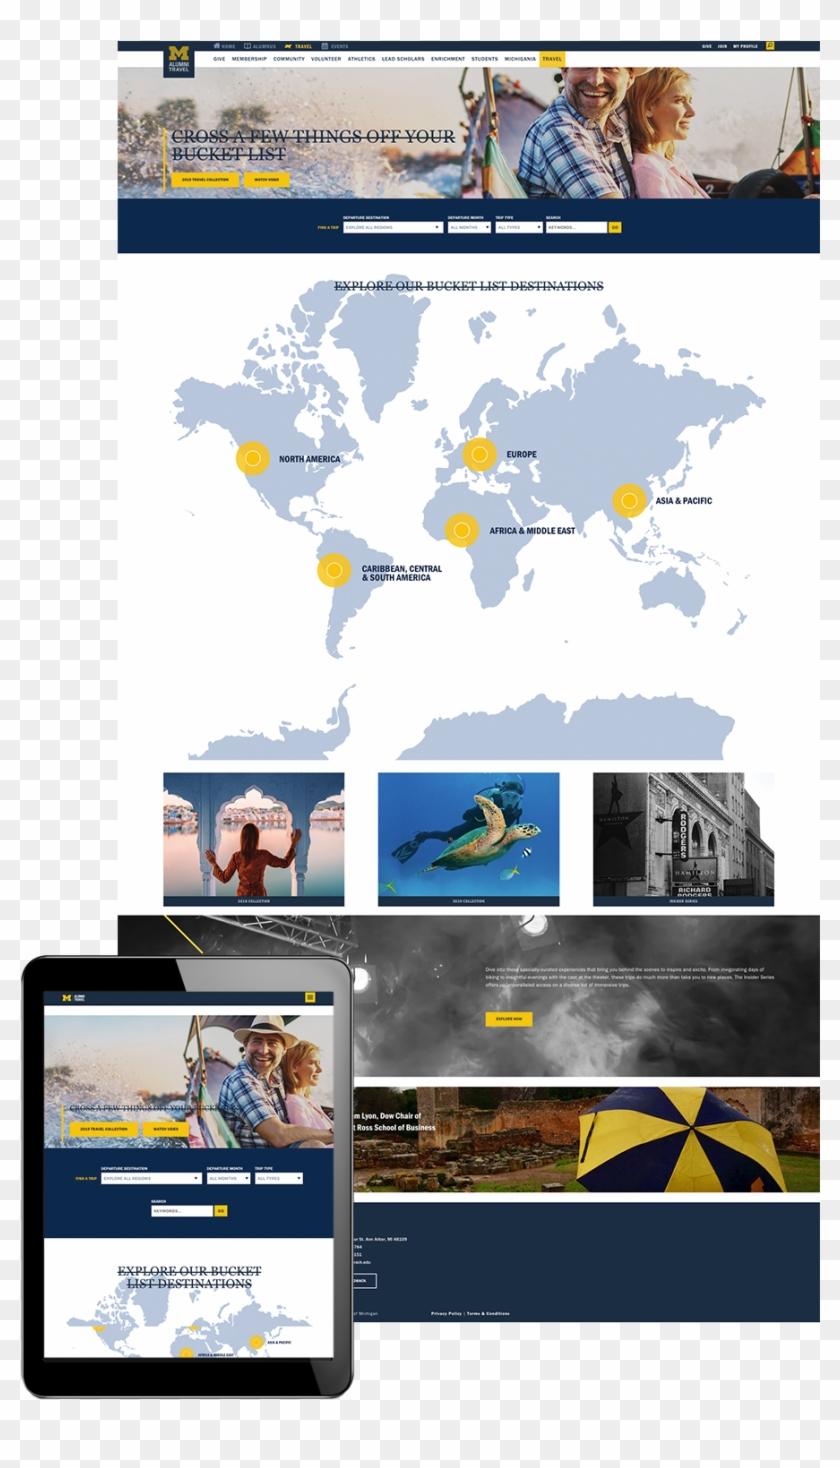 Youtube World Maps on world map tumbler, world map mobile, world map dubai united arab emirates, world map search, world map games, world map safari, world map pewdiepie, world map time lapse, world map dr, world map deviantart, world map word document, world map wis, world map events, world map facebook, world map pandora, world map sports, world map linked in, world map maps, world map instagram, world map tv,